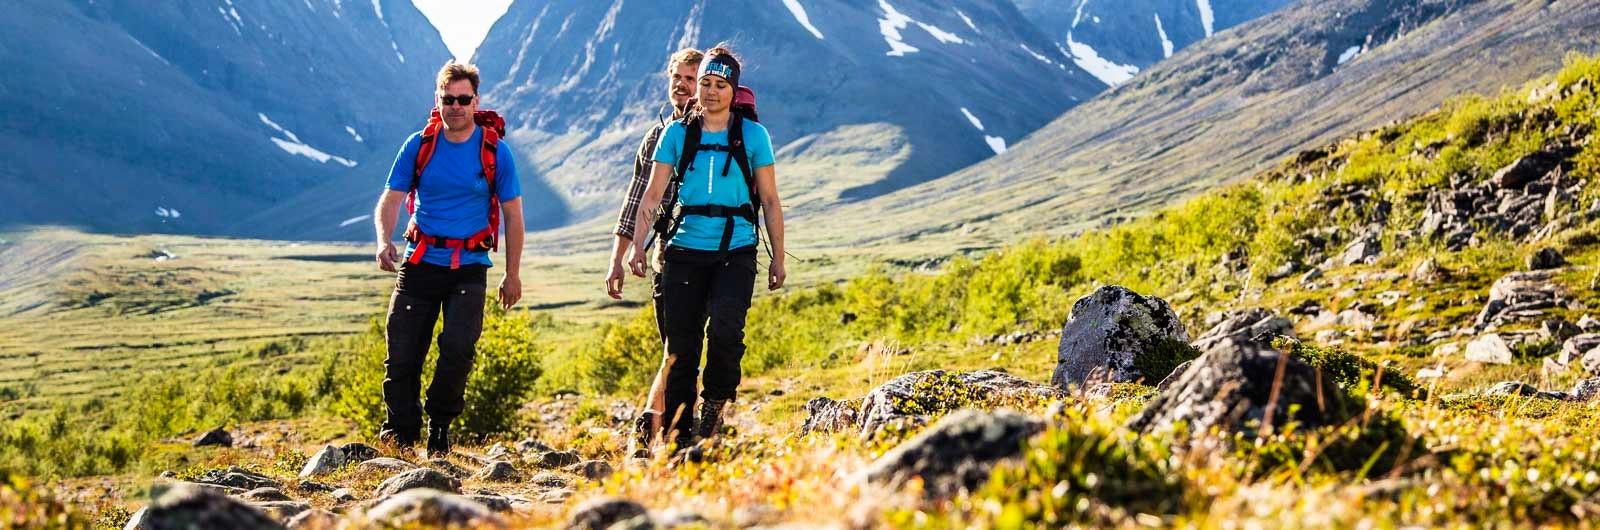 Tre vandrare i fjällmiljö på sommaren